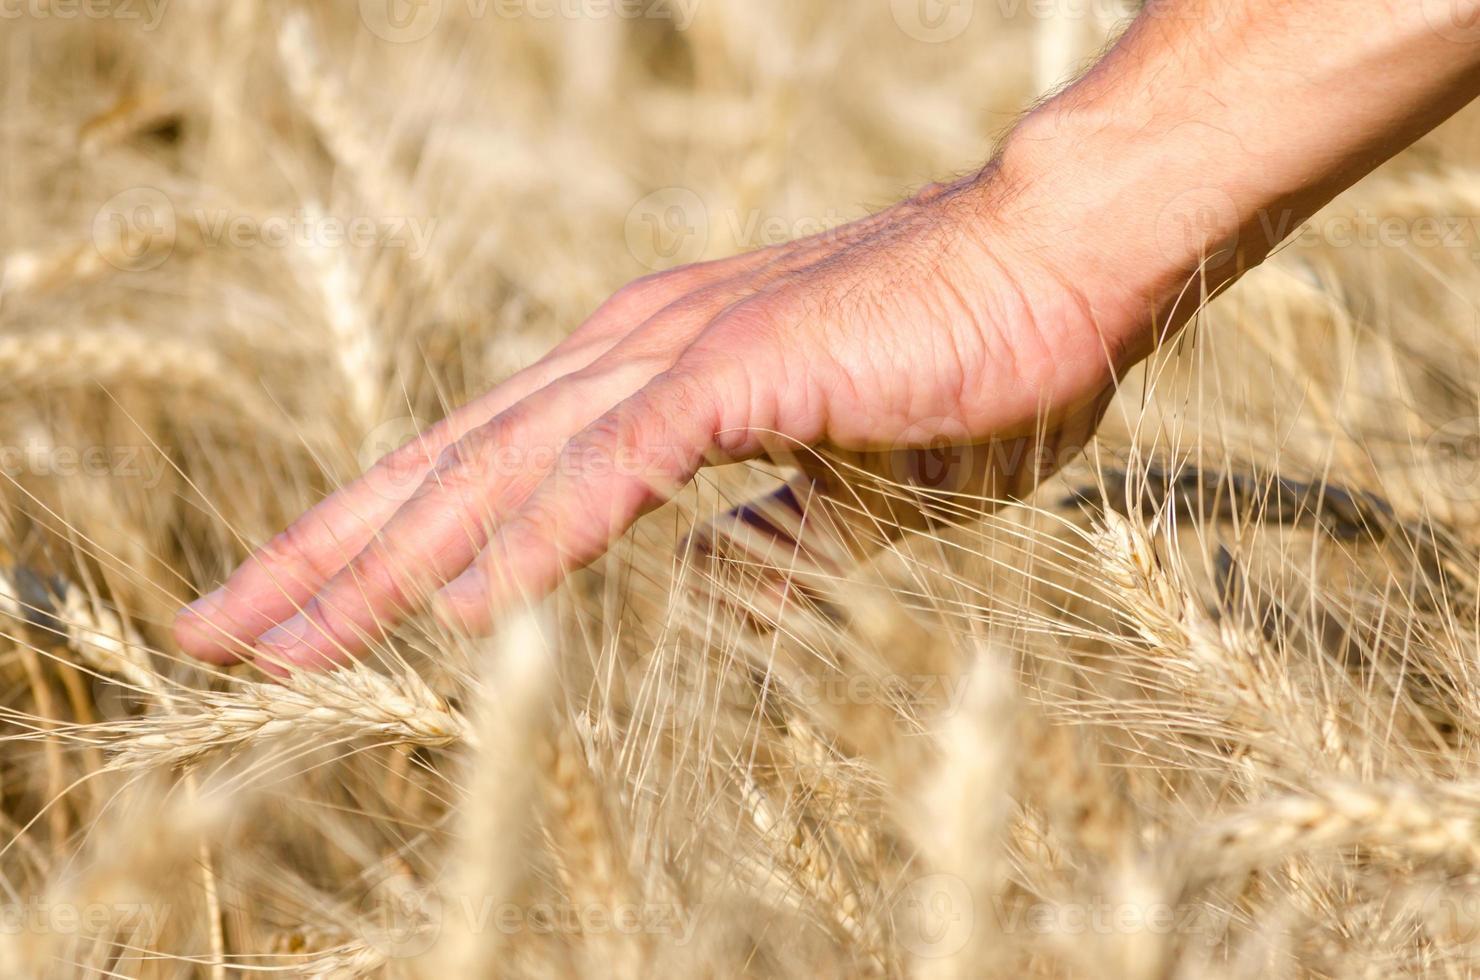 personne se brossant la main à travers le blé photo